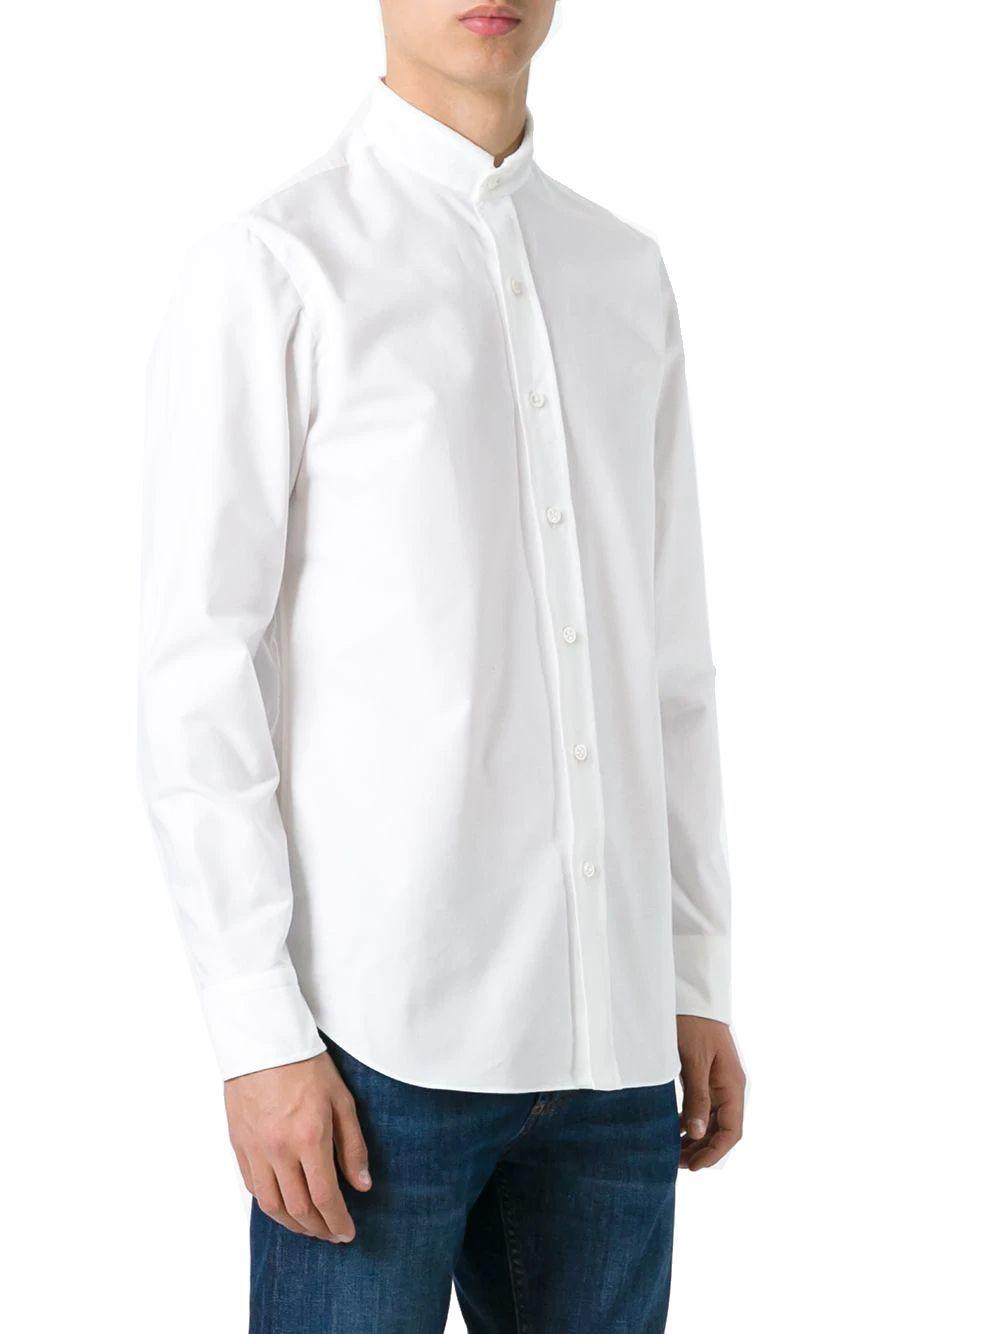 SALVATORE PICCOLO MEN'S VT0505BIANCO WHITE COTTON SHIRT